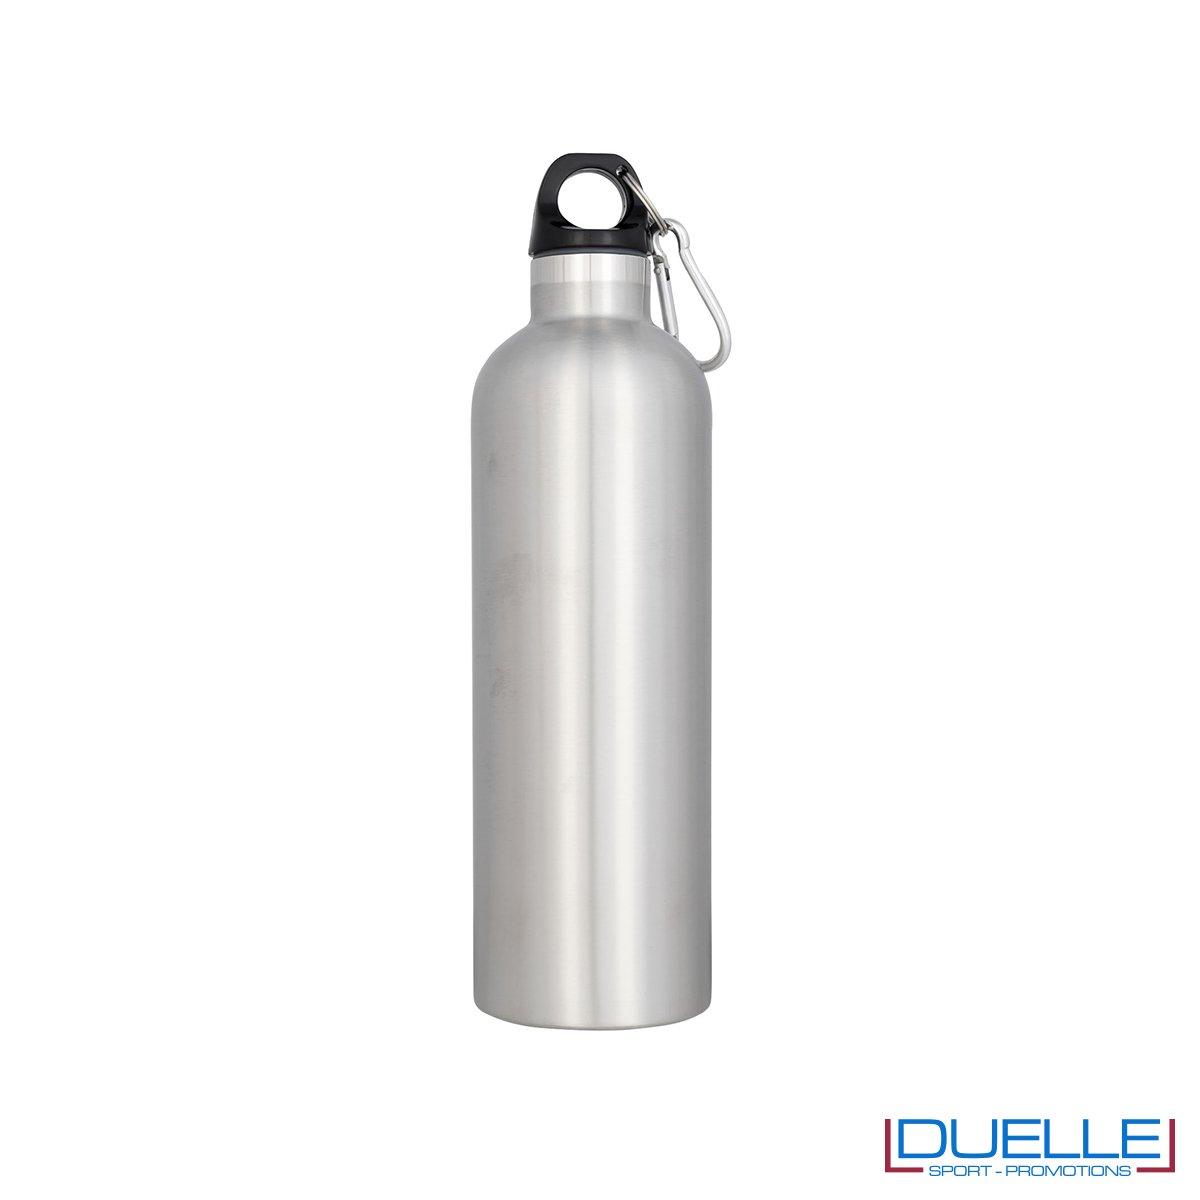 borraccia termica sottovuoto personalizzata in colore argento